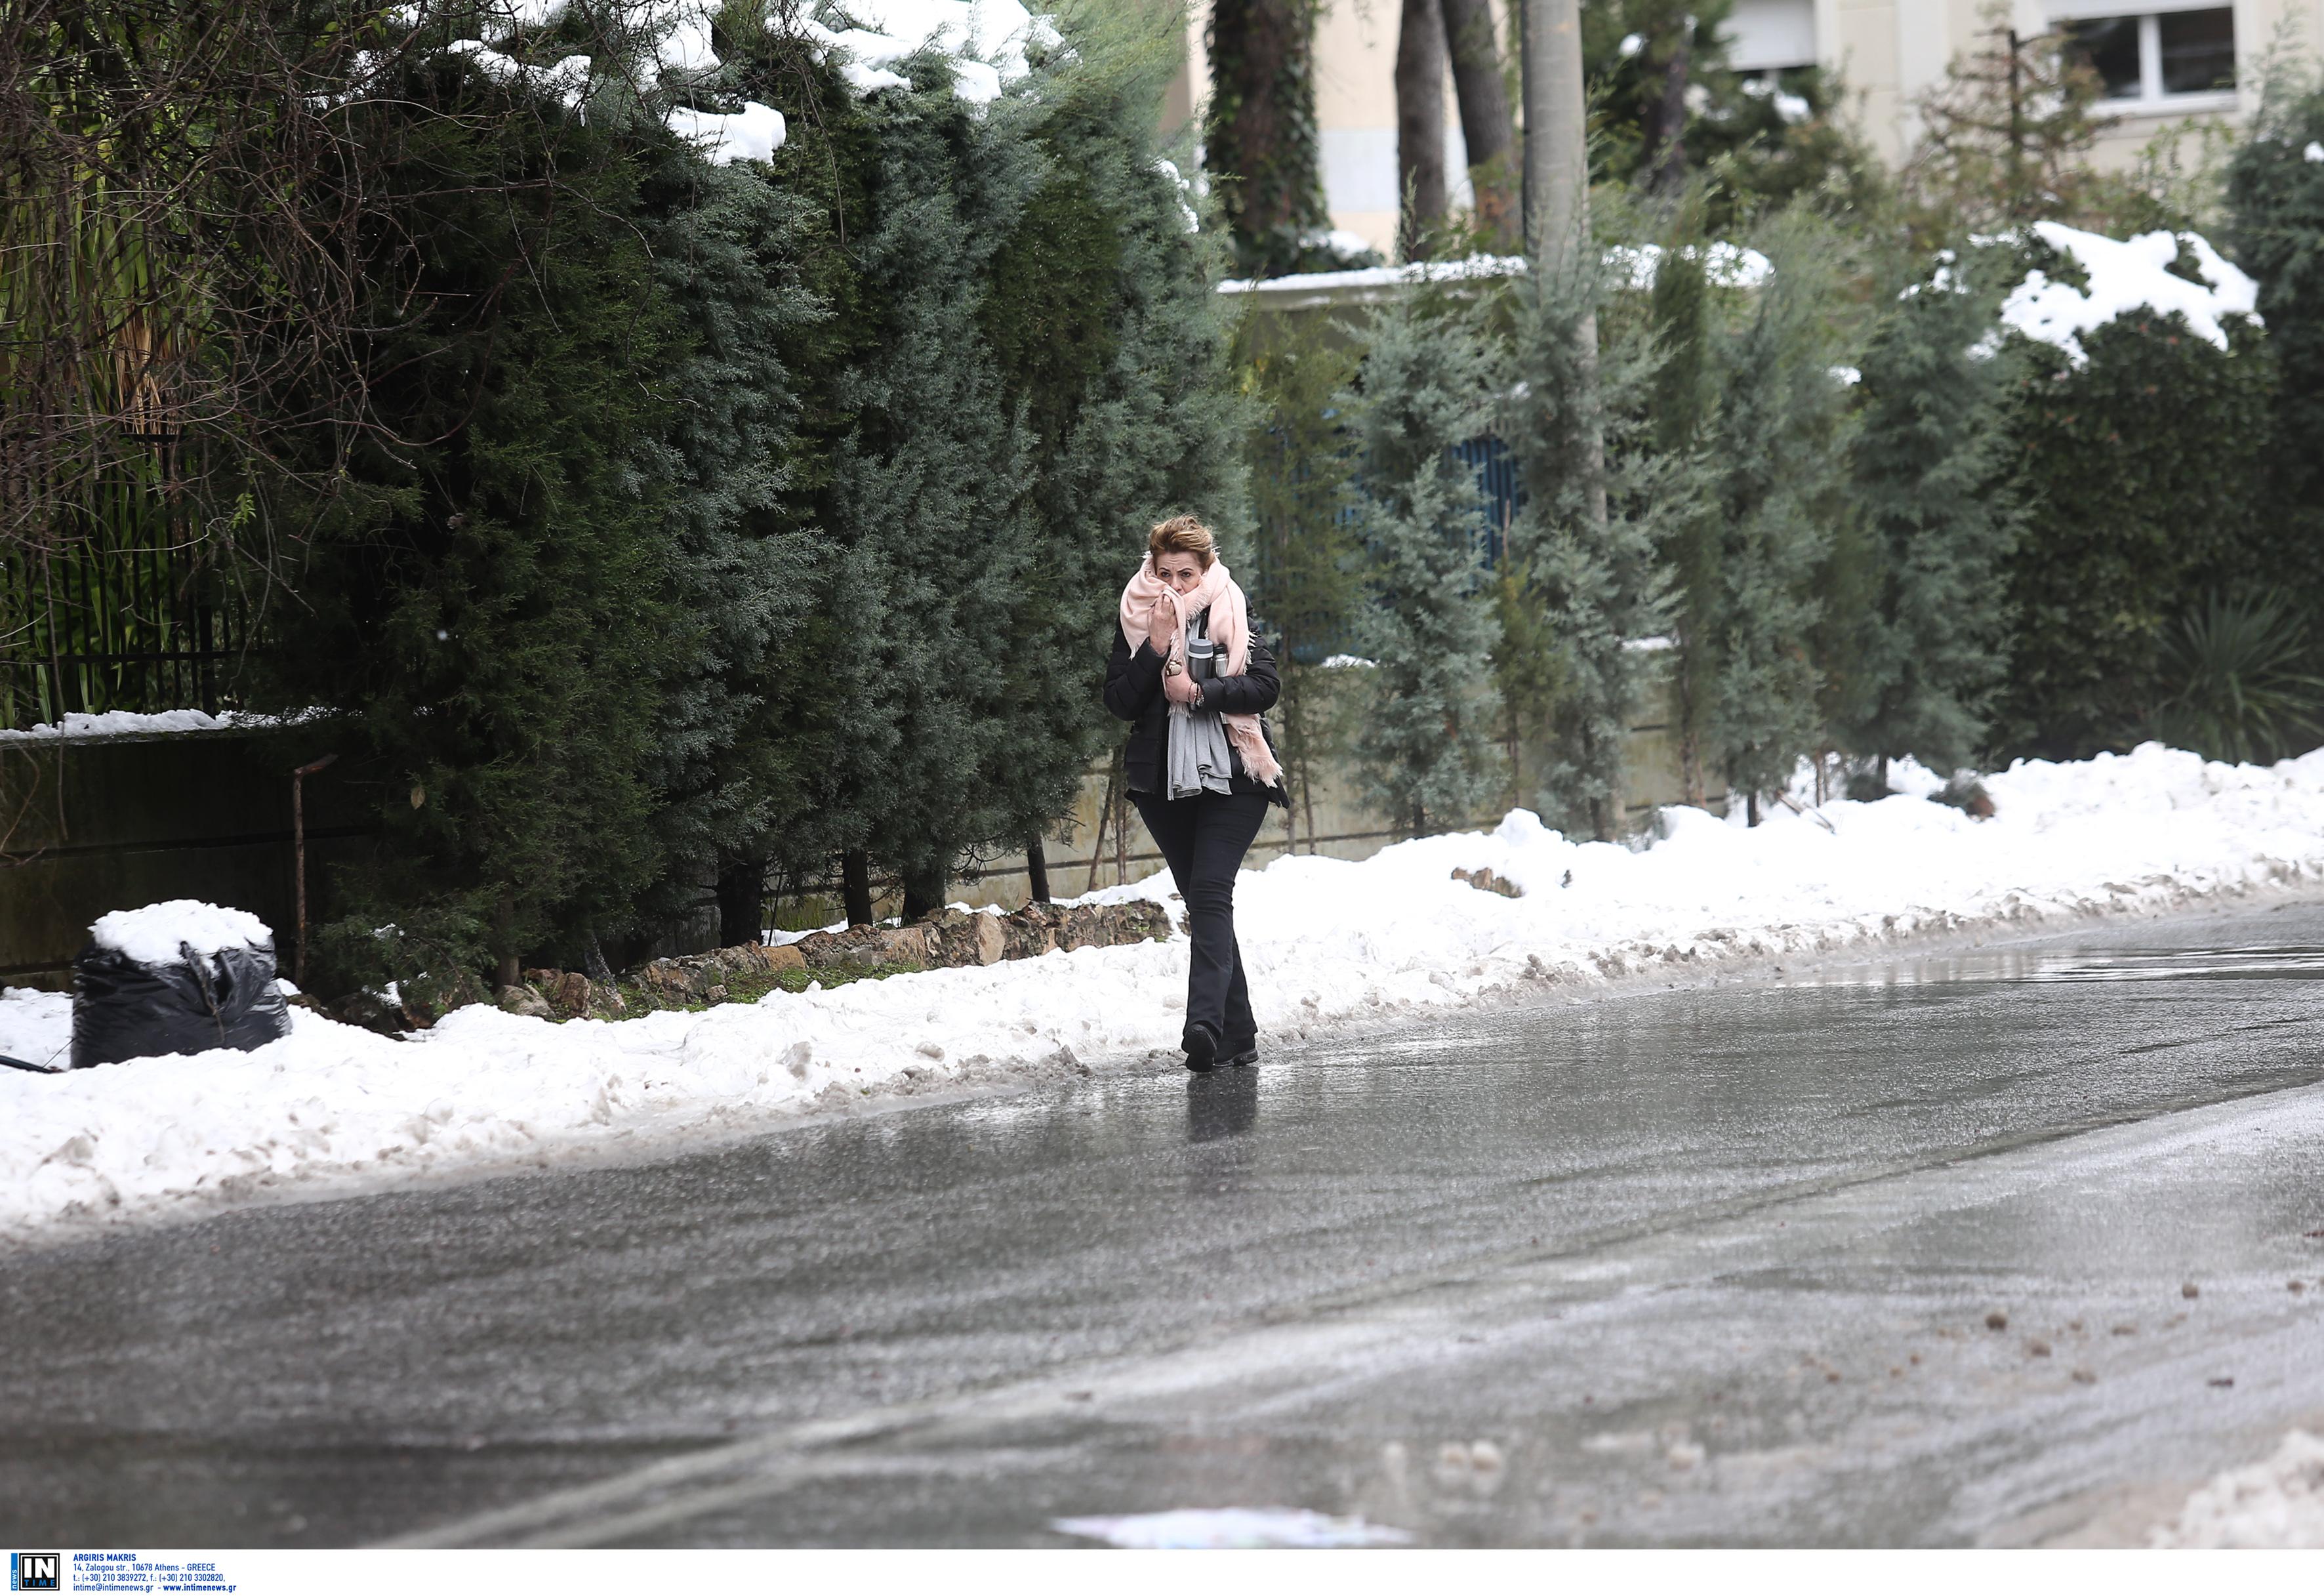 Κυριακή με παγωνιά! Πτώση θερμοκρασίας και χιόνια